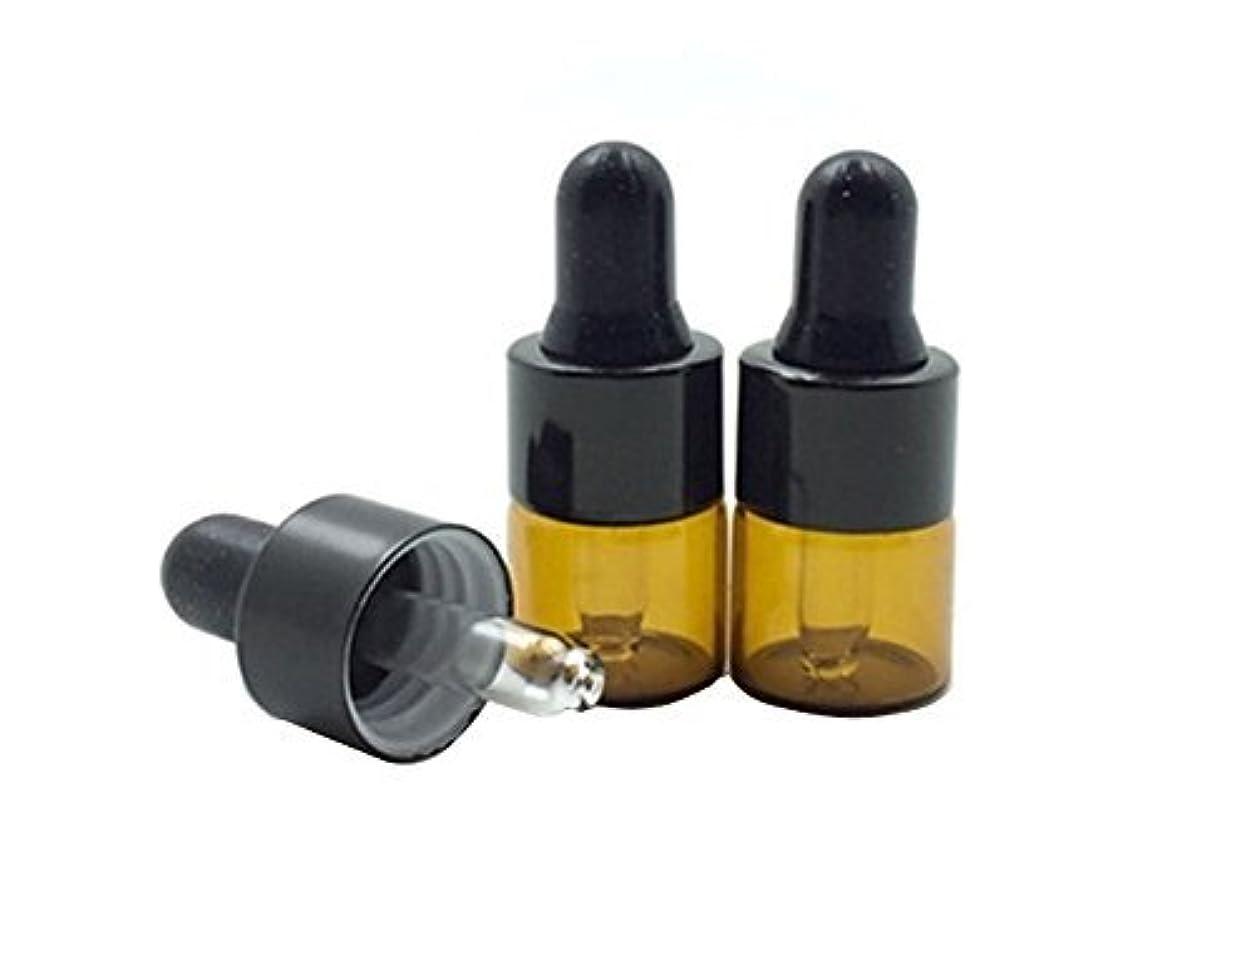 年国民センター15 Pcs Mini Tiny 1ml Amber Glass Dropper Bottles Refillable Essential Oil Bottles Vials With Eyed Dropper For...